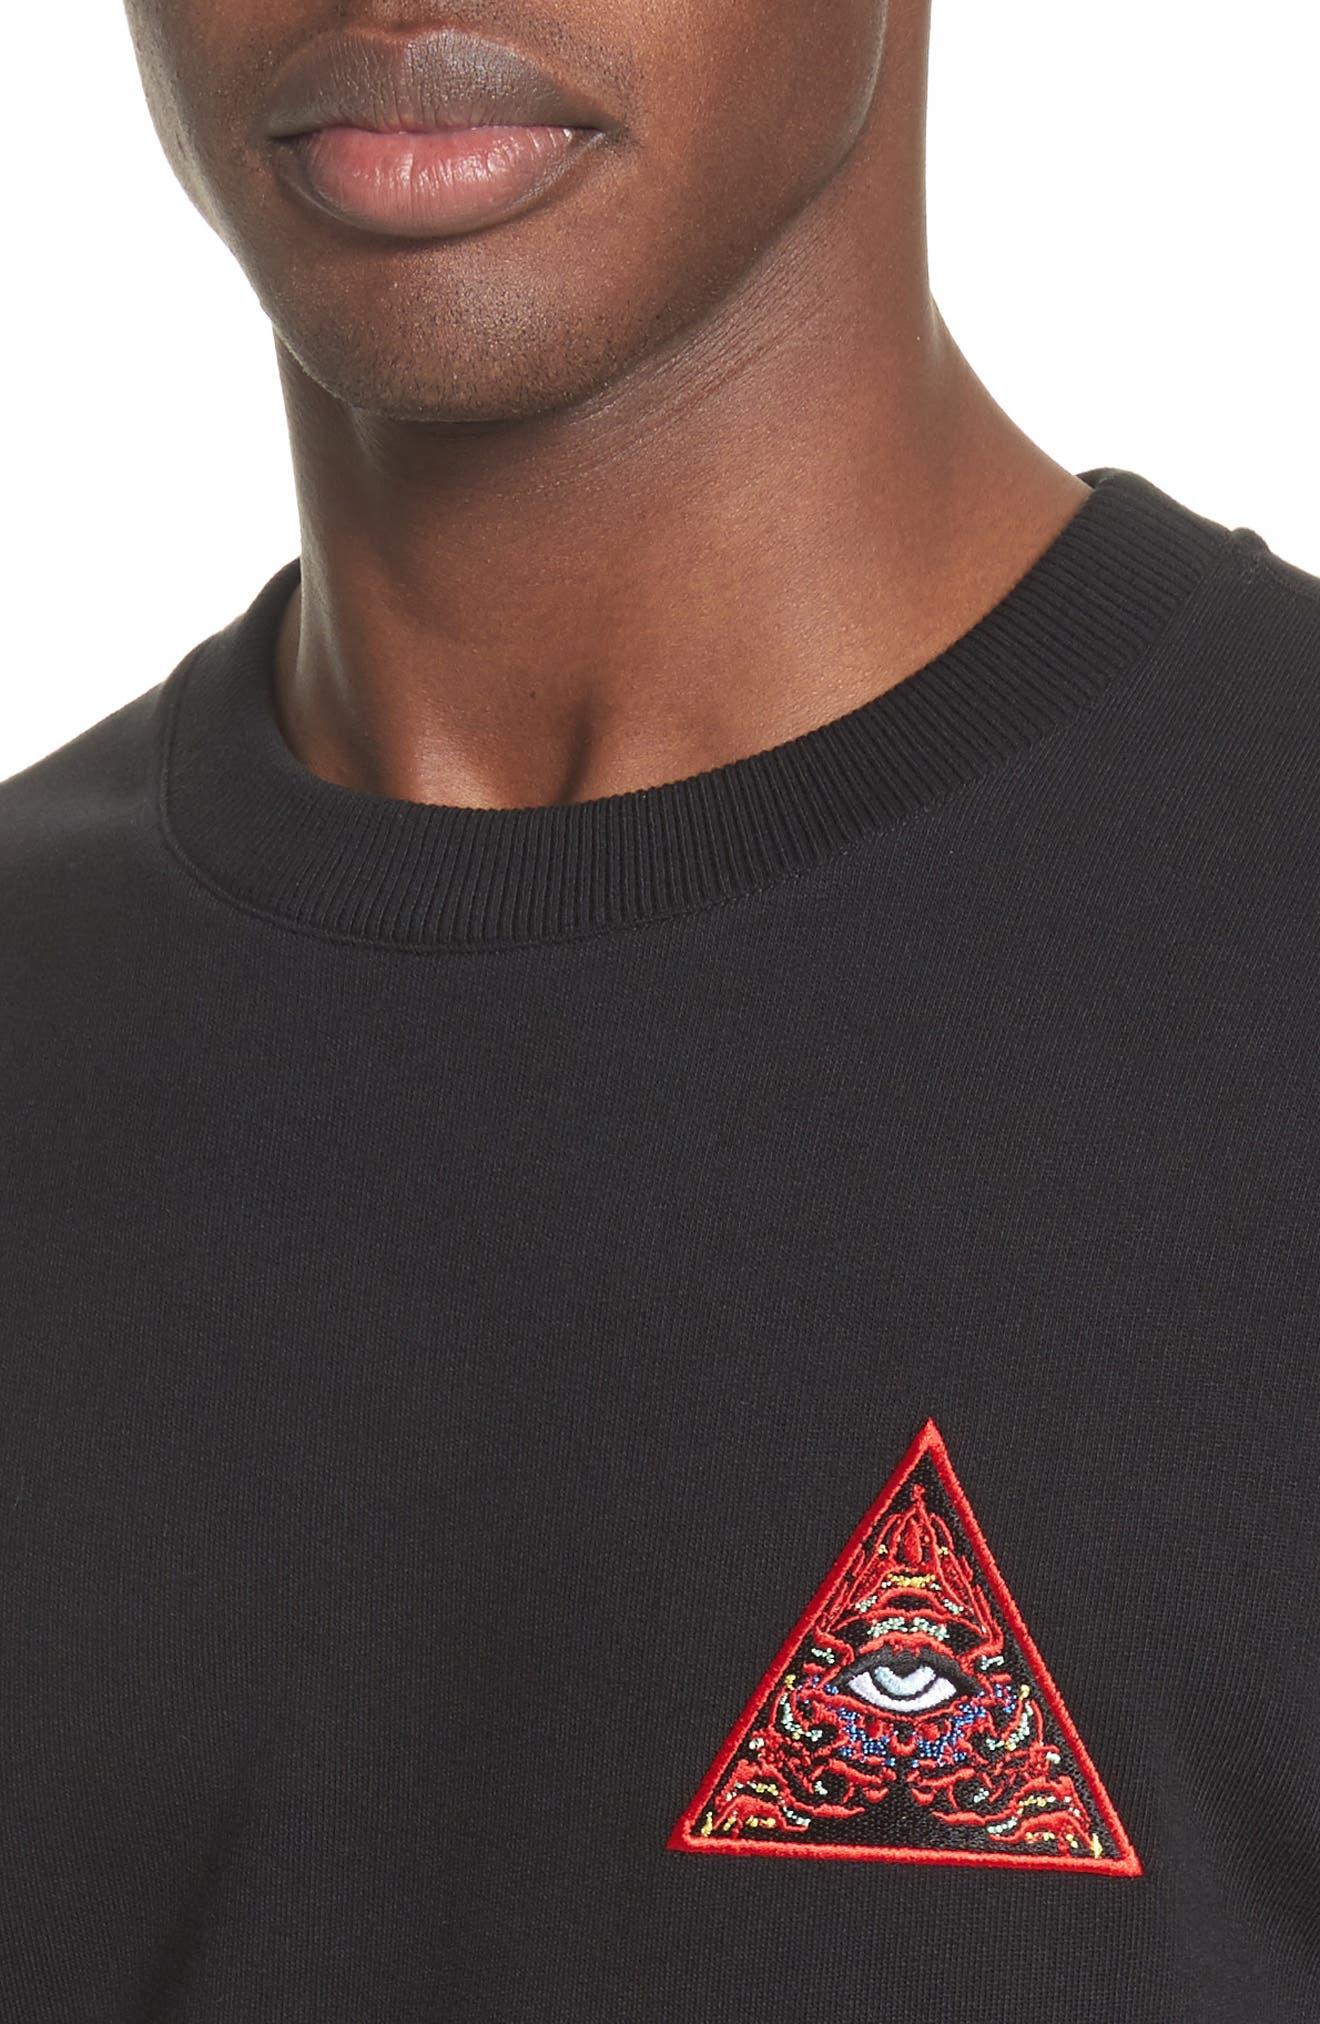 Cuban Fit Realize Sweatshirt,                             Alternate thumbnail 4, color,                             Black